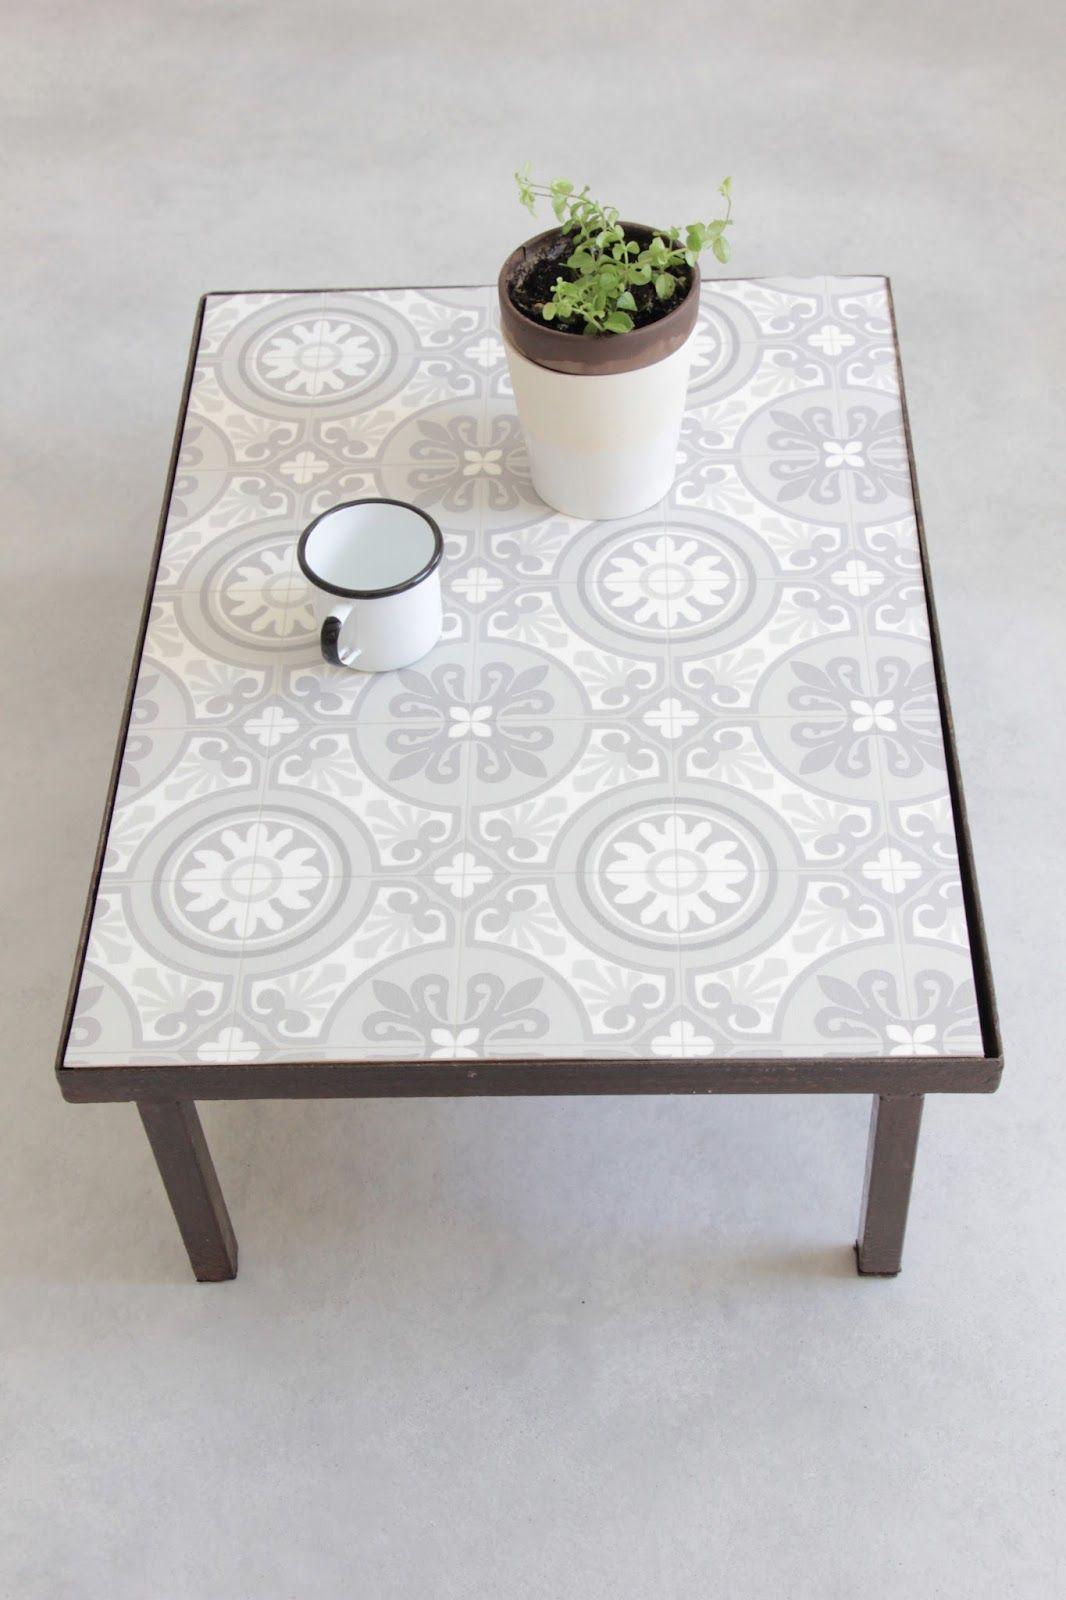 Ma Table Basse Facon Carreaux De Ciment Diy Table A Manger Bricolage Table Basse Carreau De Ciment